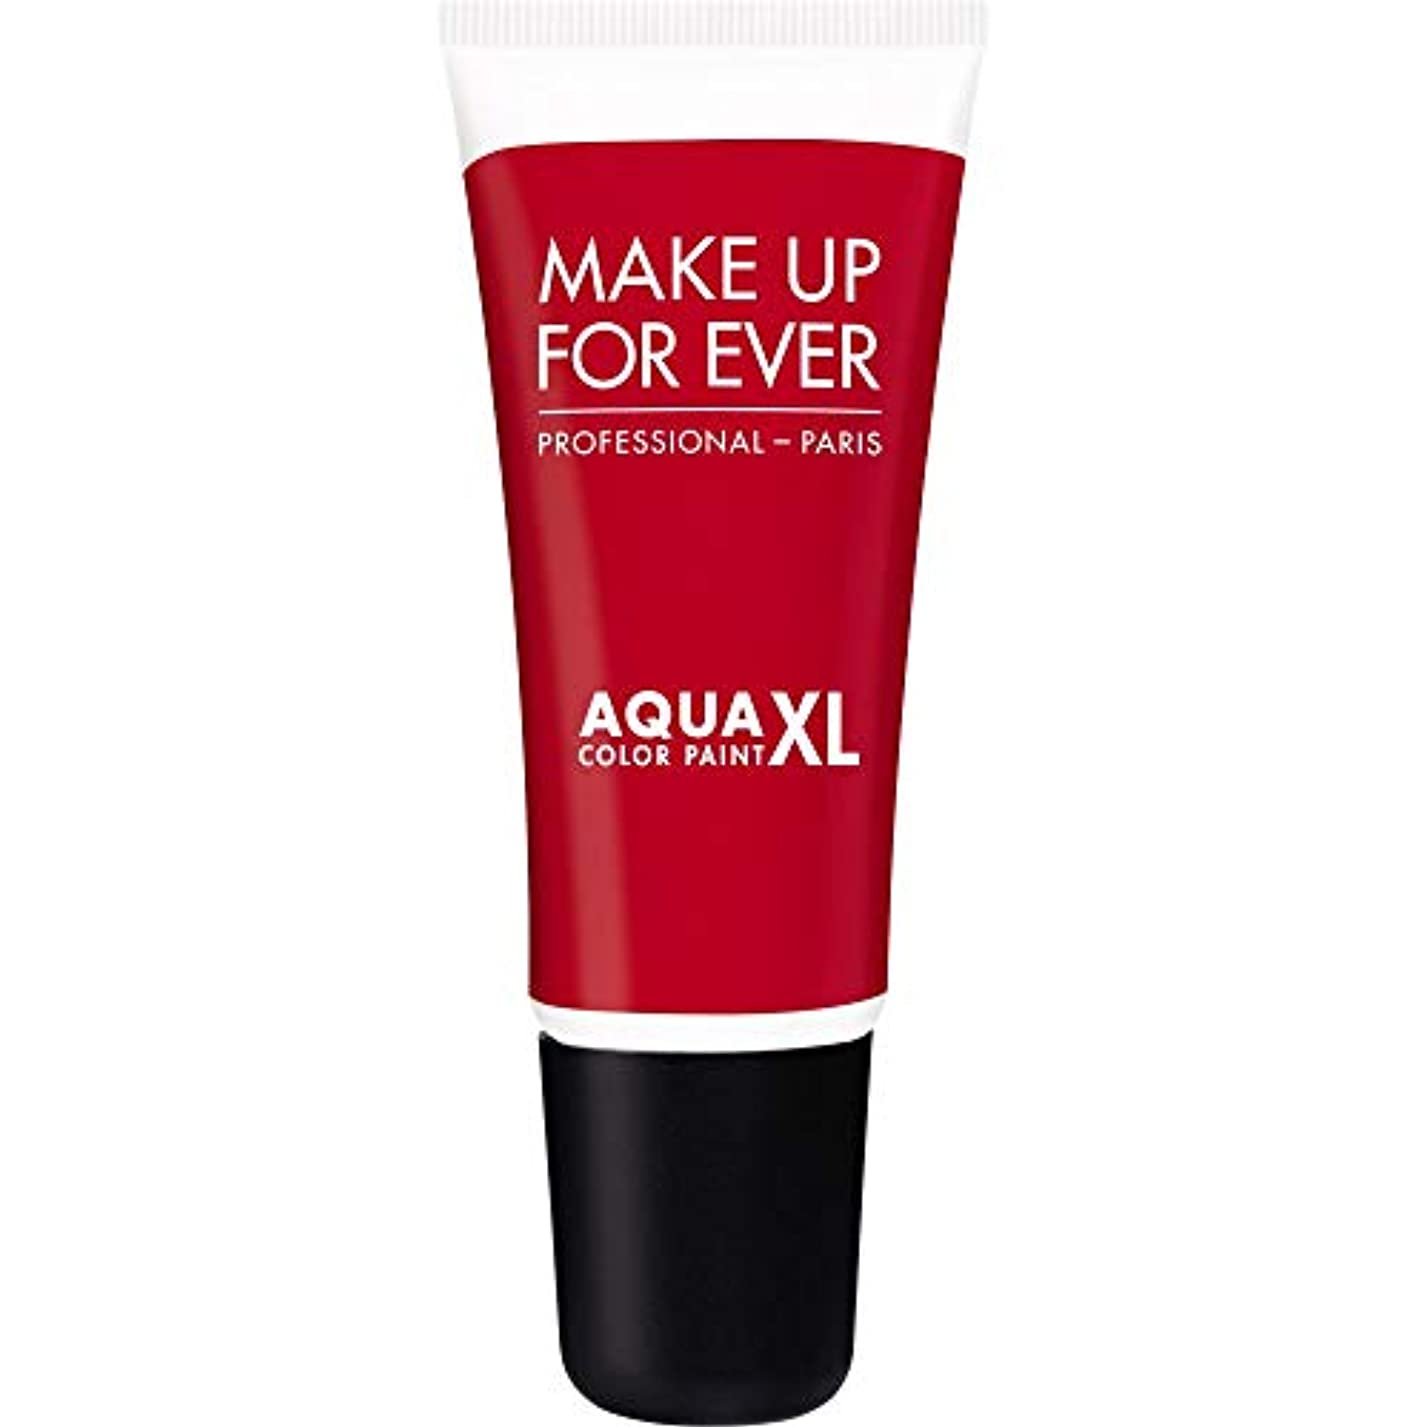 使用法紳士気取りの、きざな早める[MAKE UP FOR EVER] 防水アイシャドウ4.8ミリリットルのM-72 - - マット赤史上アクアXl色の塗料を補います - MAKE UP FOR EVER Aqua XL Color Paint - Waterproof...